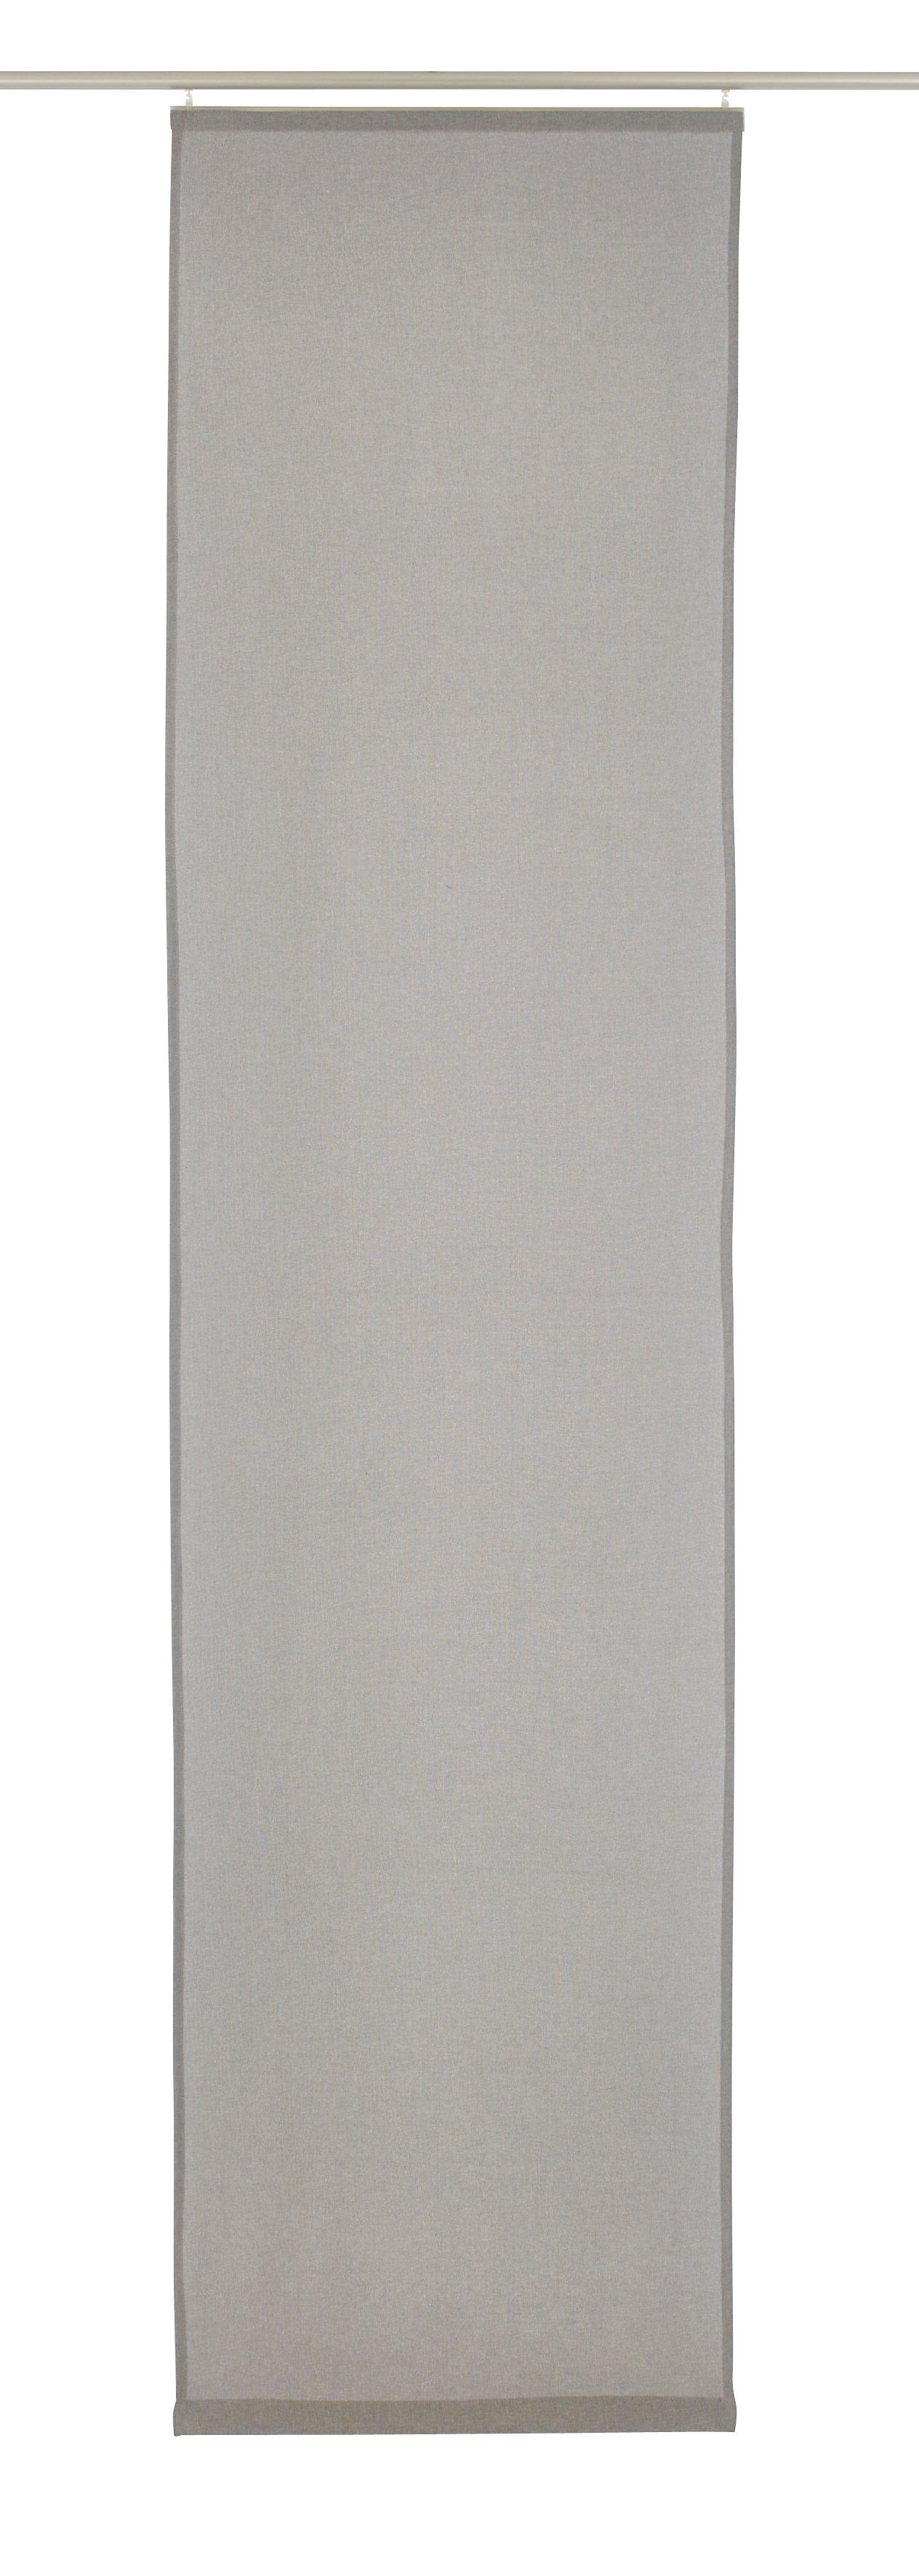 ELBERSDRUCKE paneelgordijn Lino HxB: 245x60, zonder toebehoren (1 stuk) veilig op otto.nl kopen